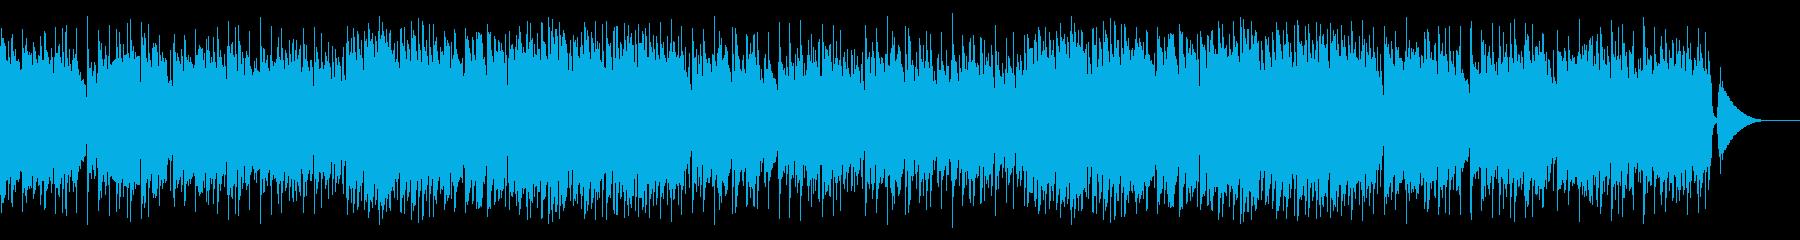 哀愁あふれるアコーディオンワルツの再生済みの波形